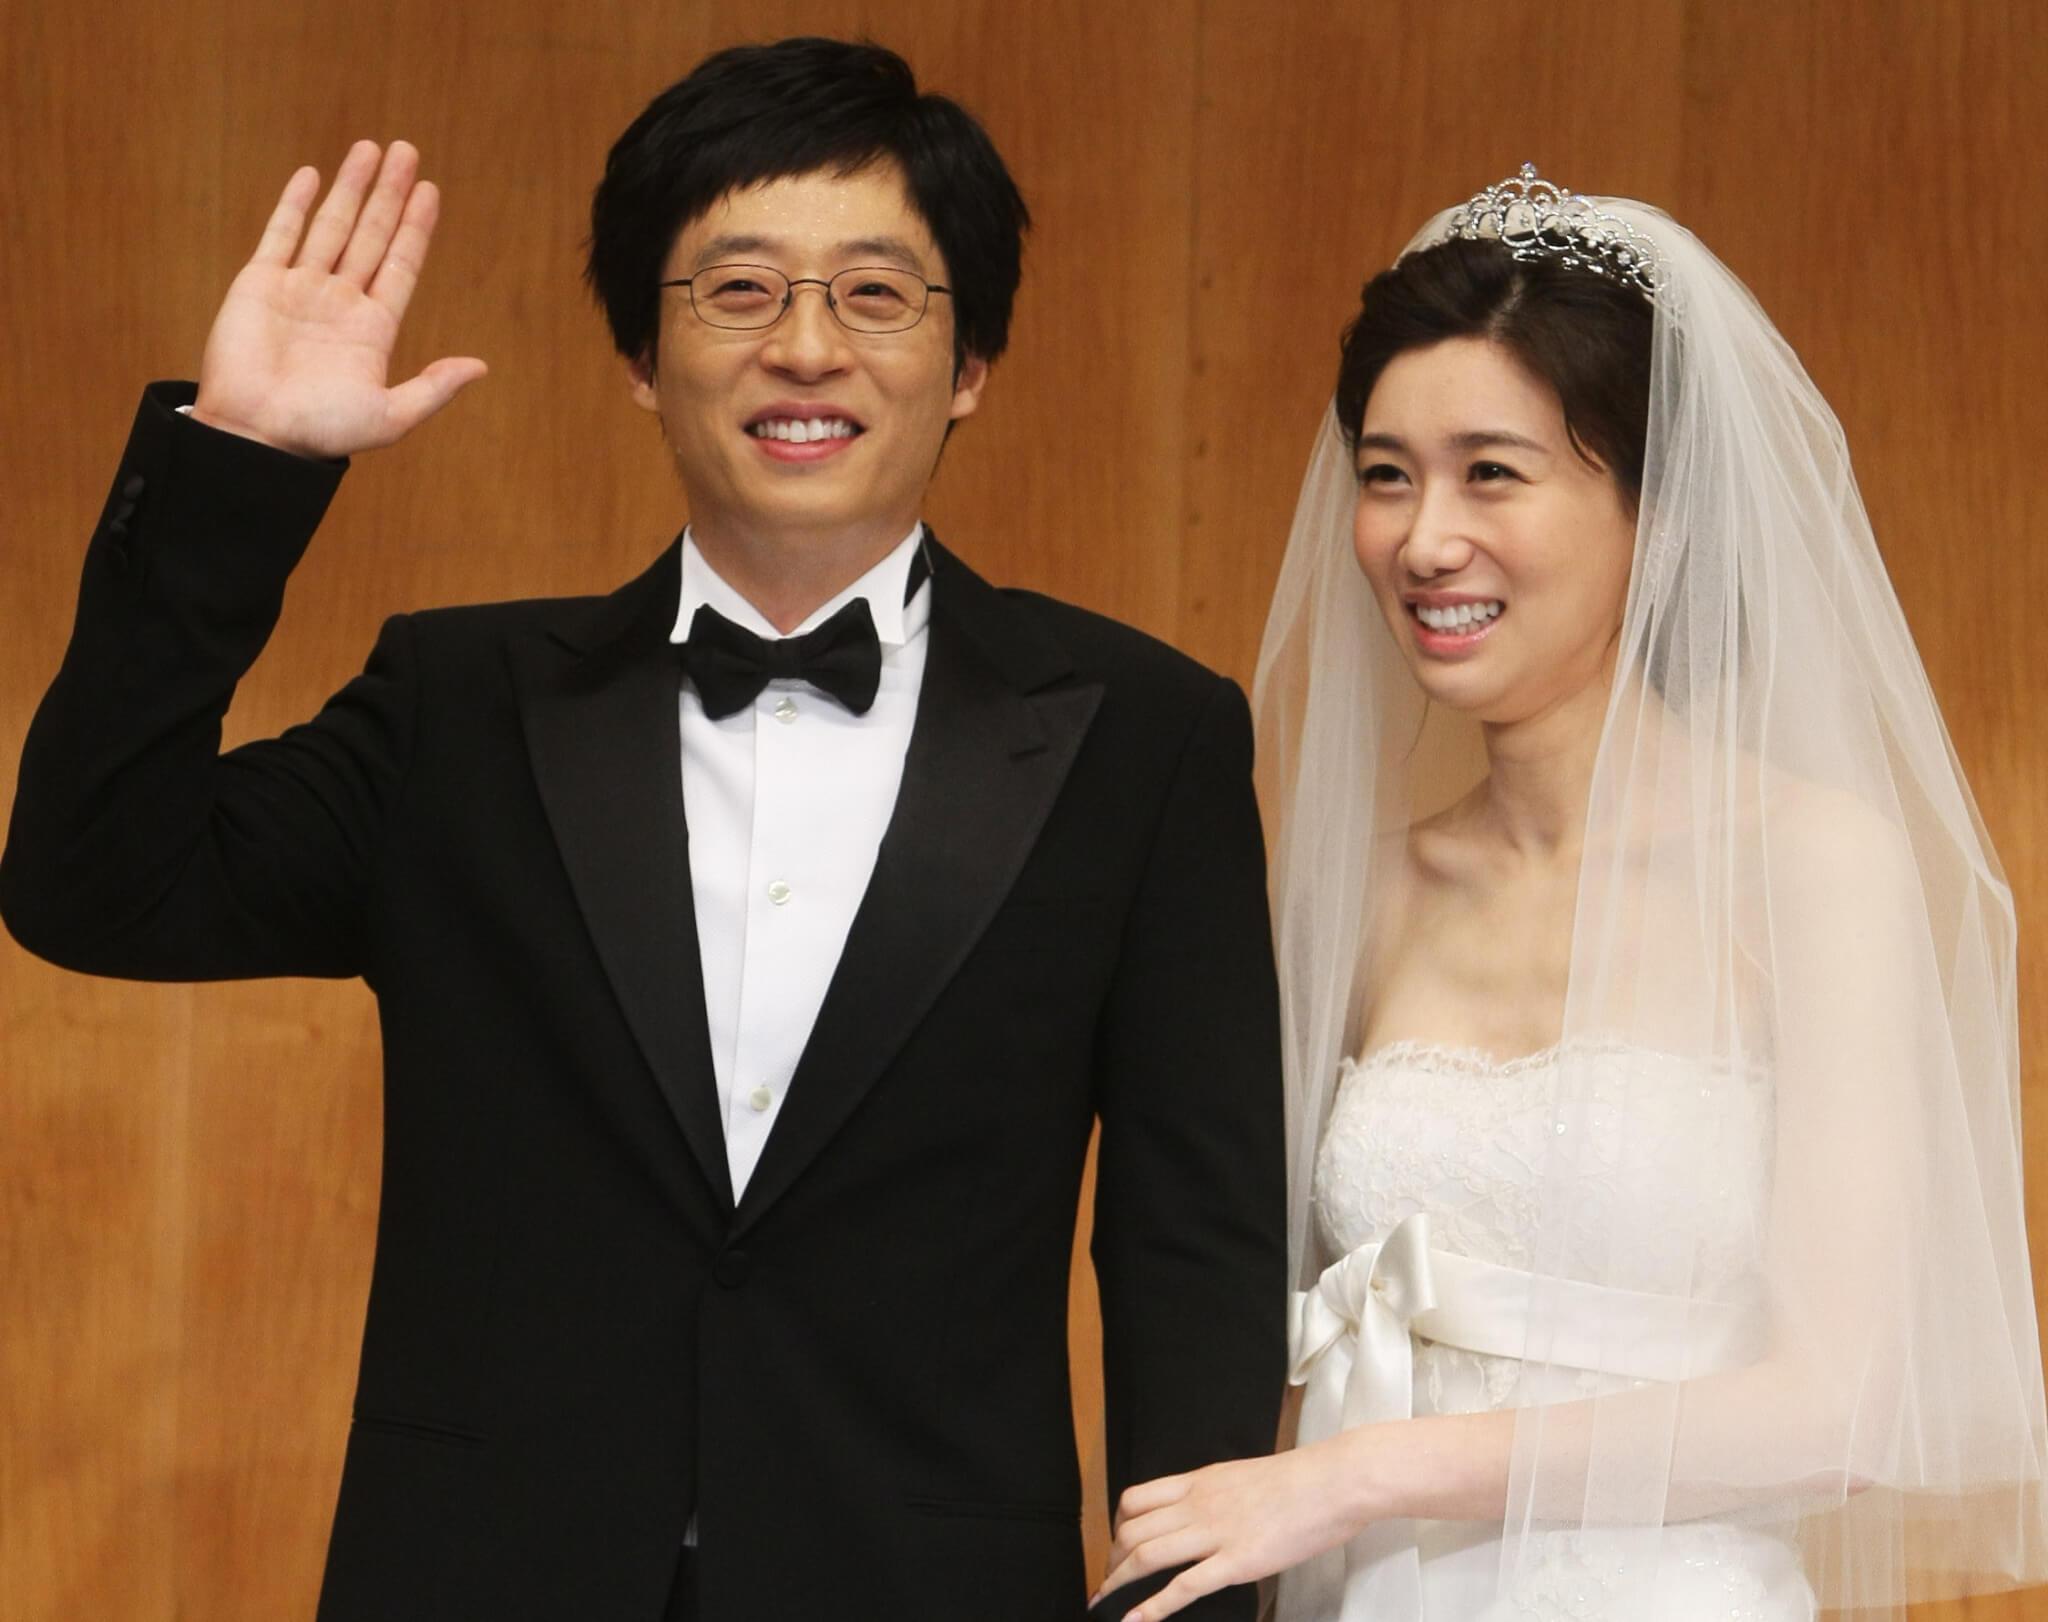 劉在錫與美女主播羅京恩結婚,成為當年娛樂圈佳話。